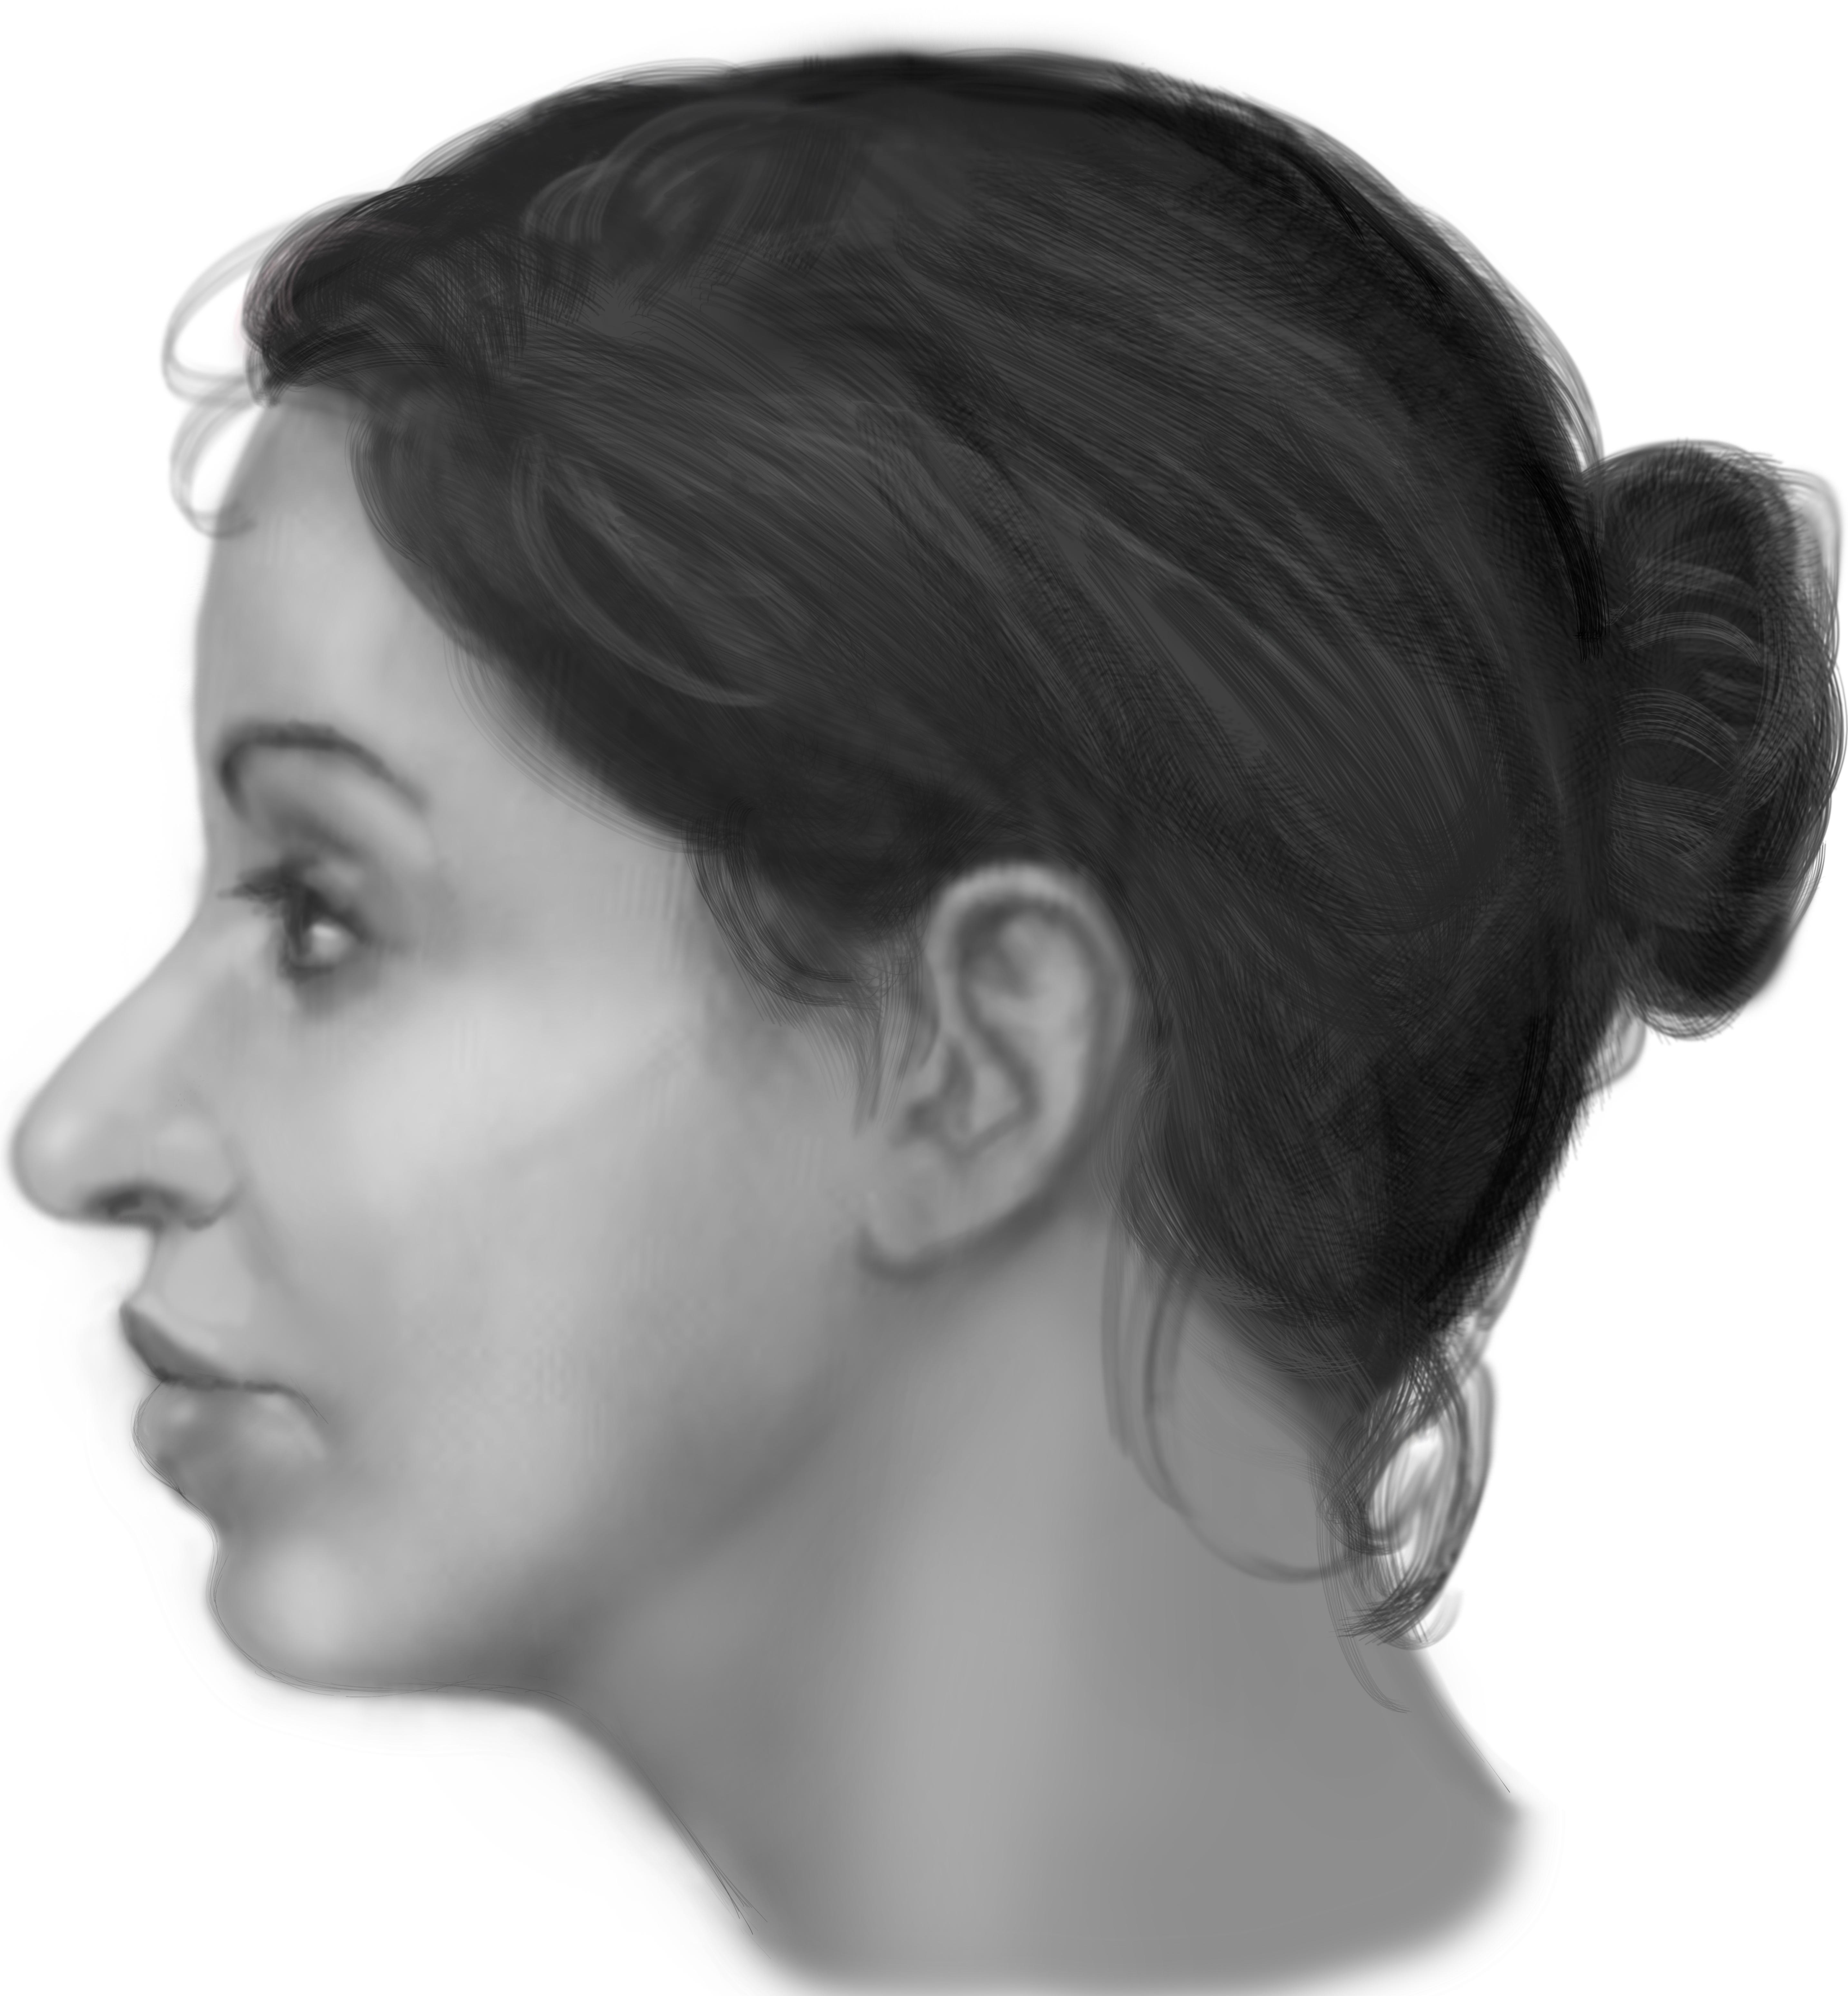 Parker County Jane Doe (2018)